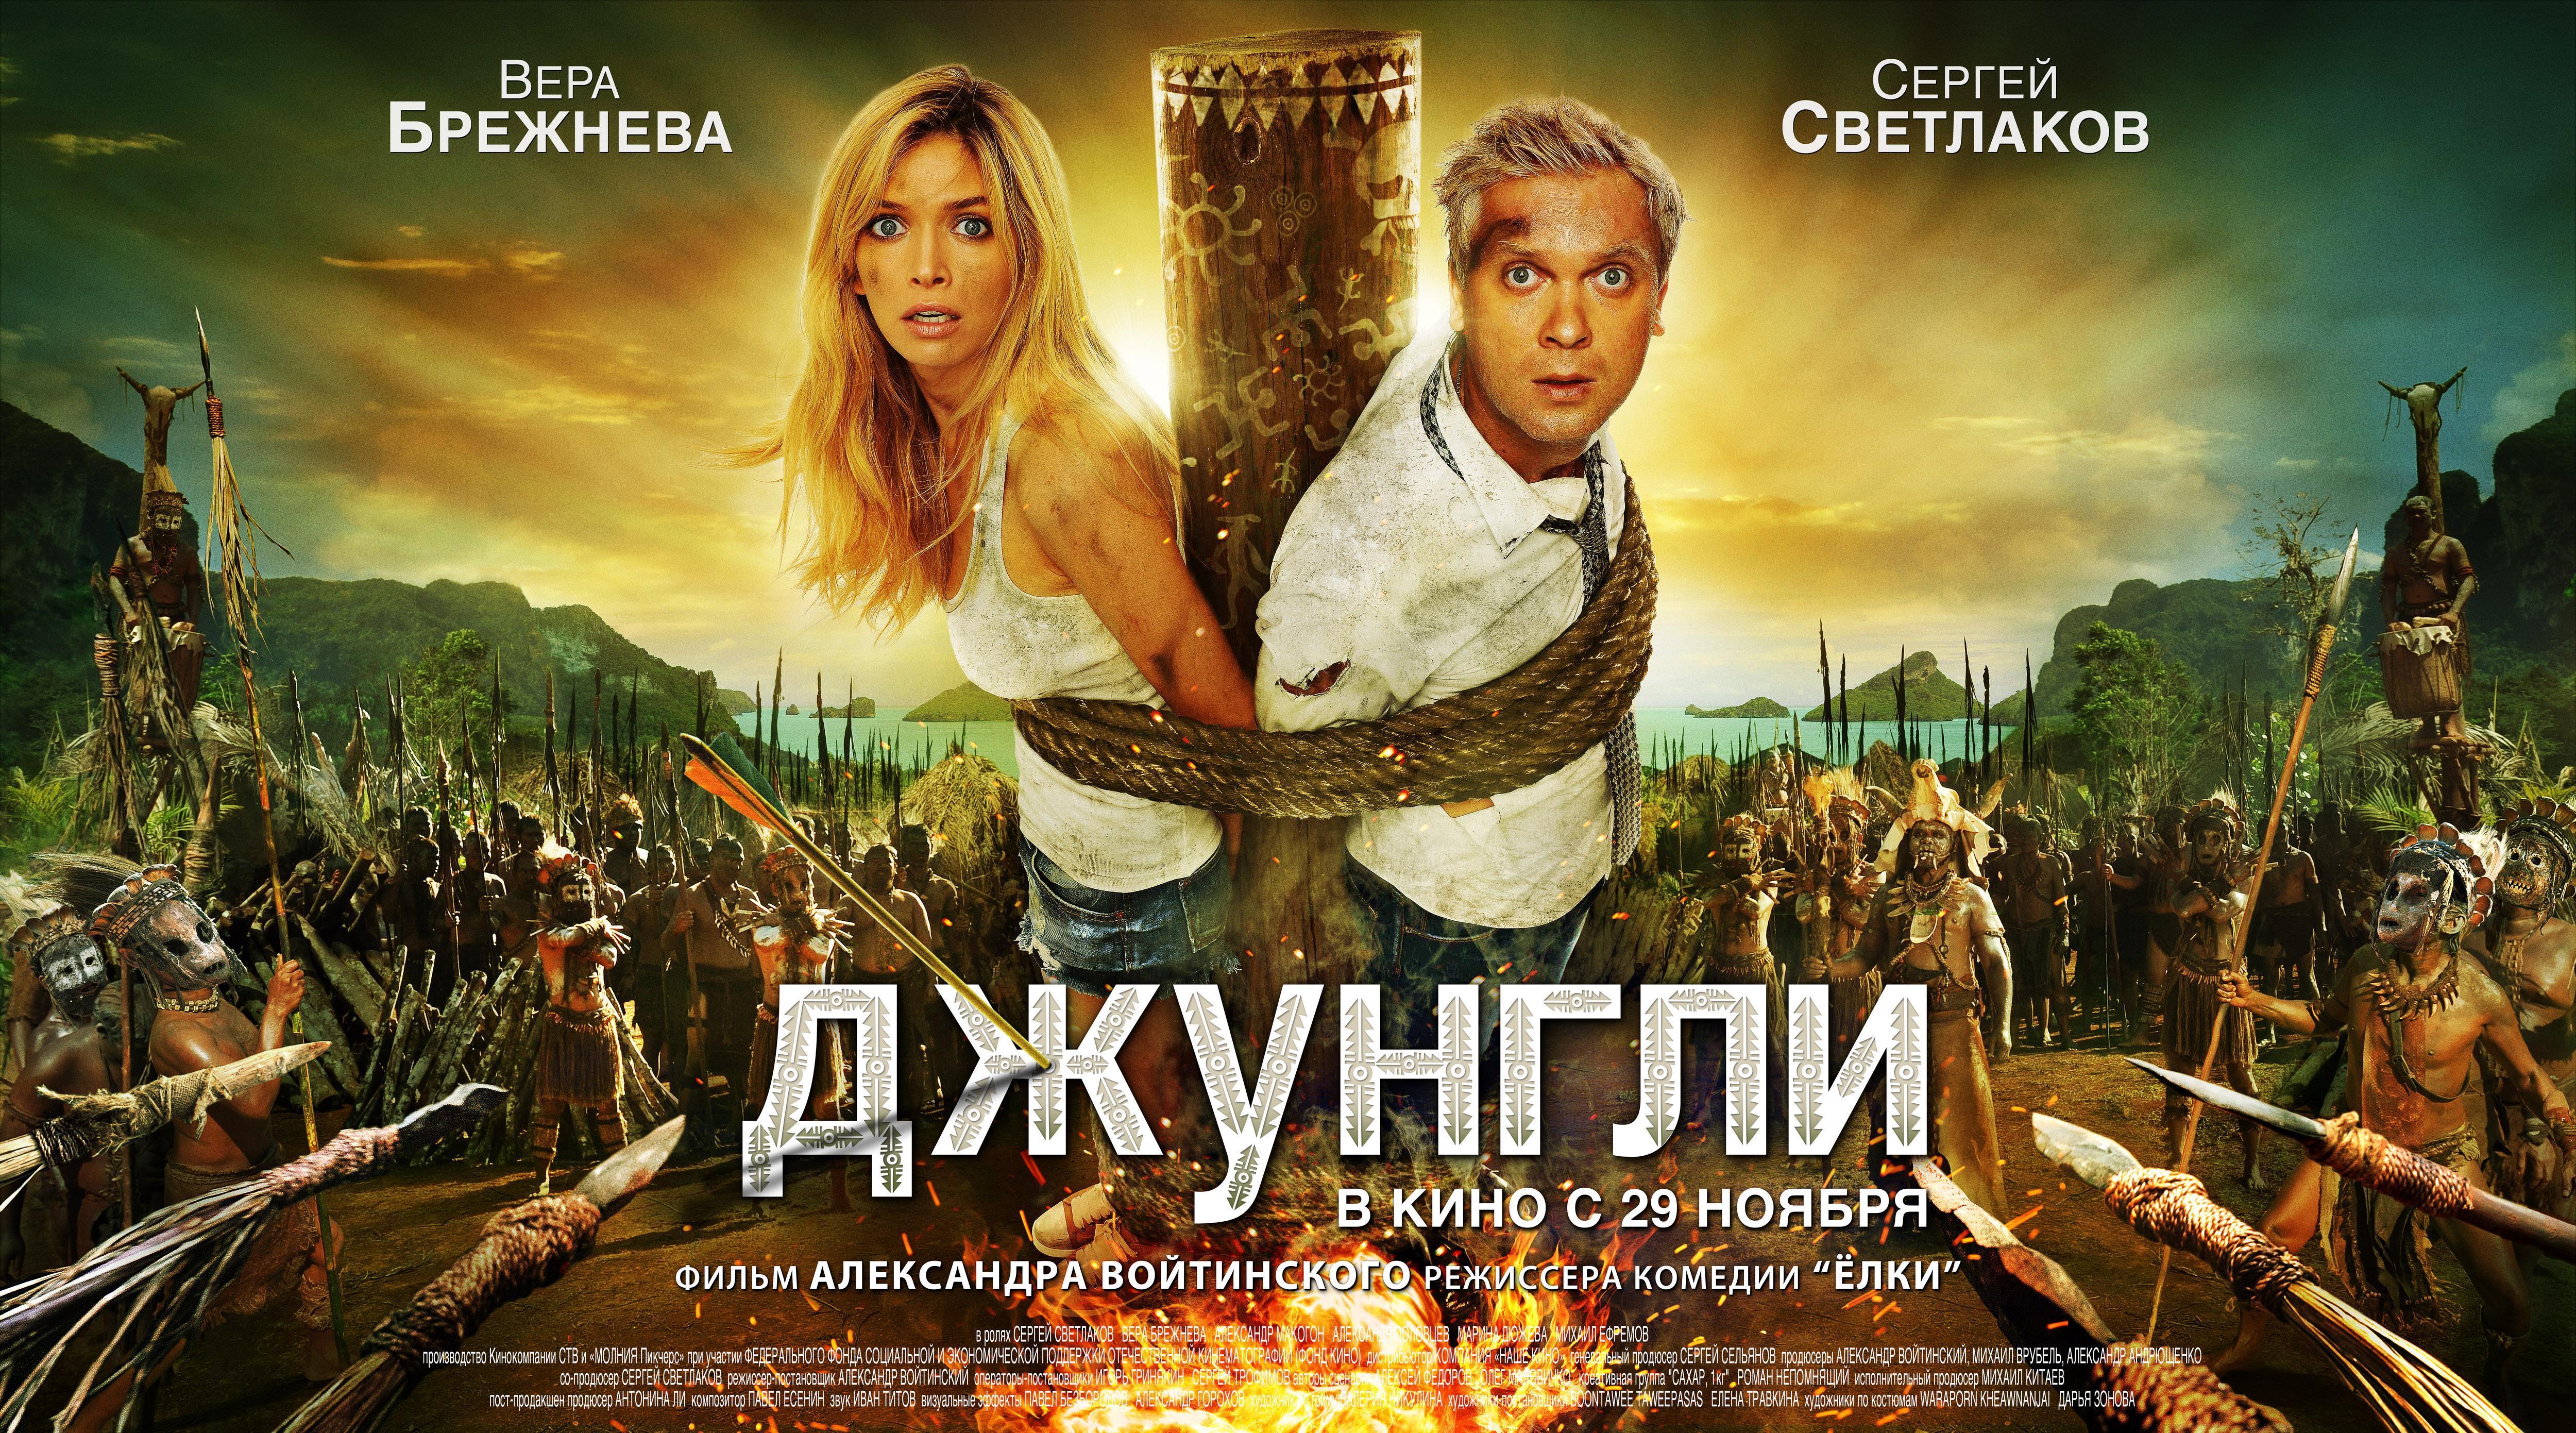 кинокомедии 2012 русские смотреть: